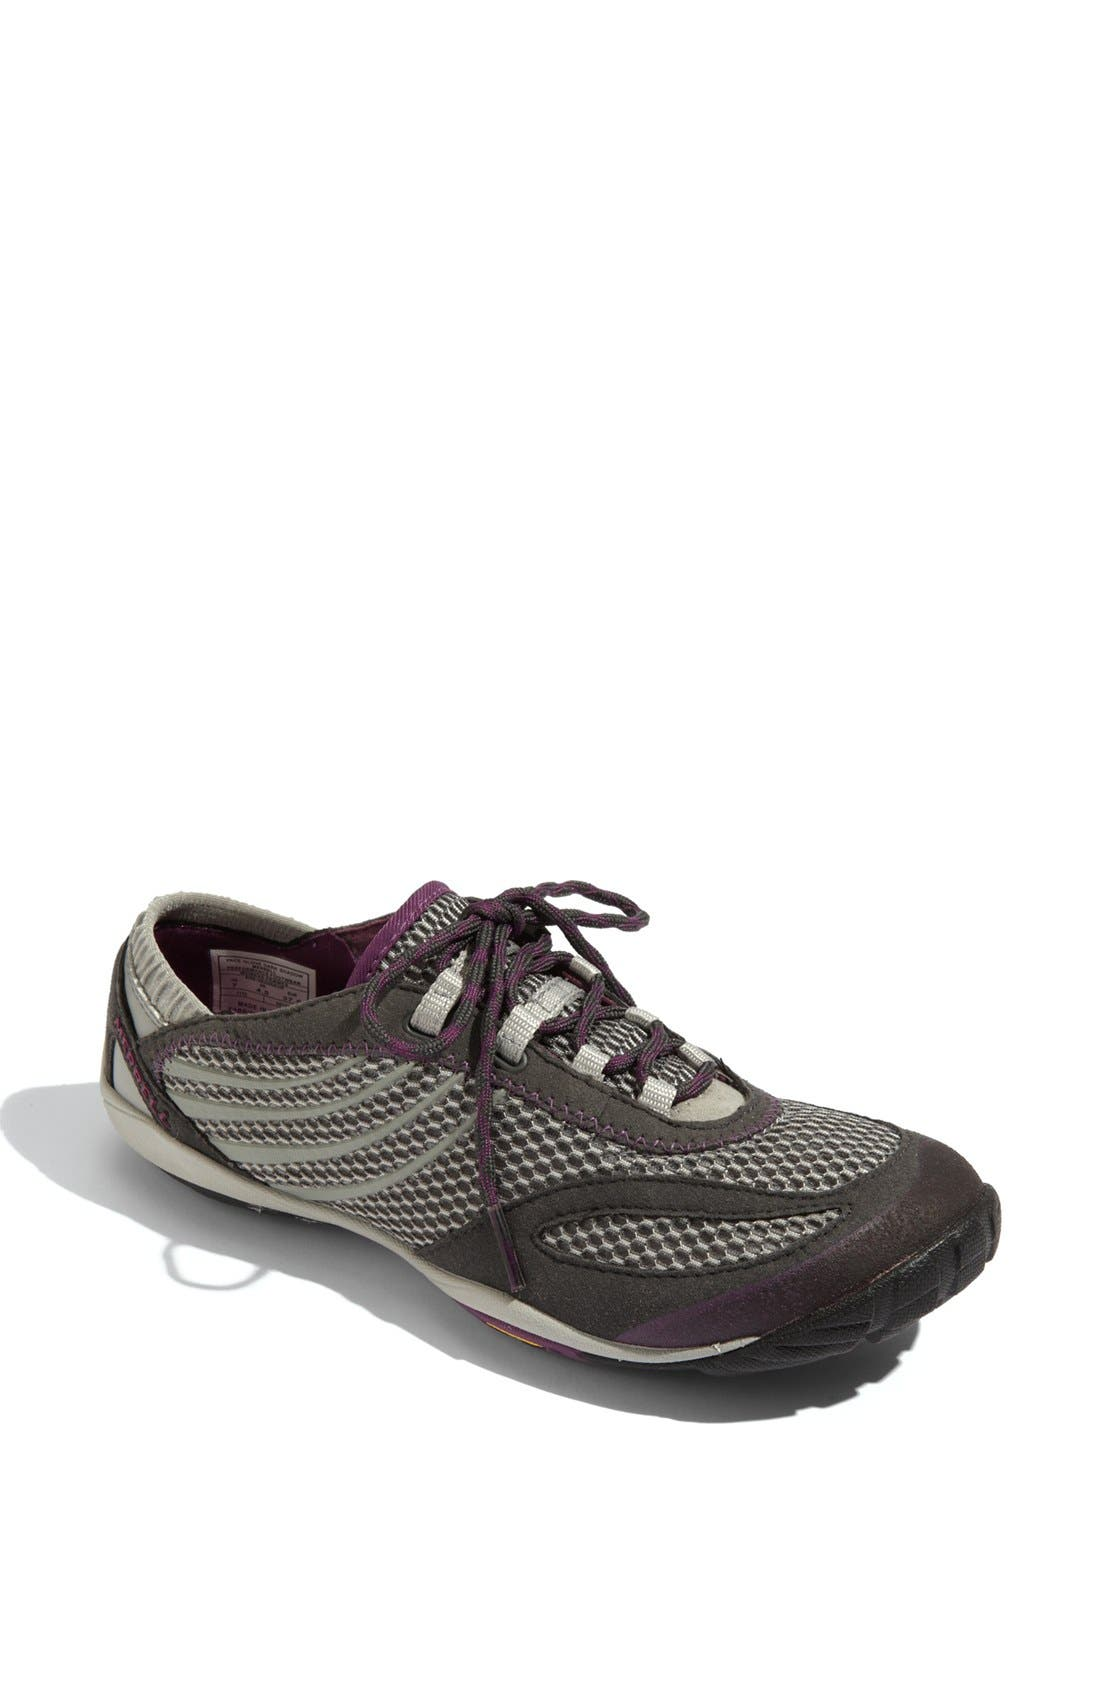 Main Image - Merrell 'Pace Minimal' Running Shoe (Women)